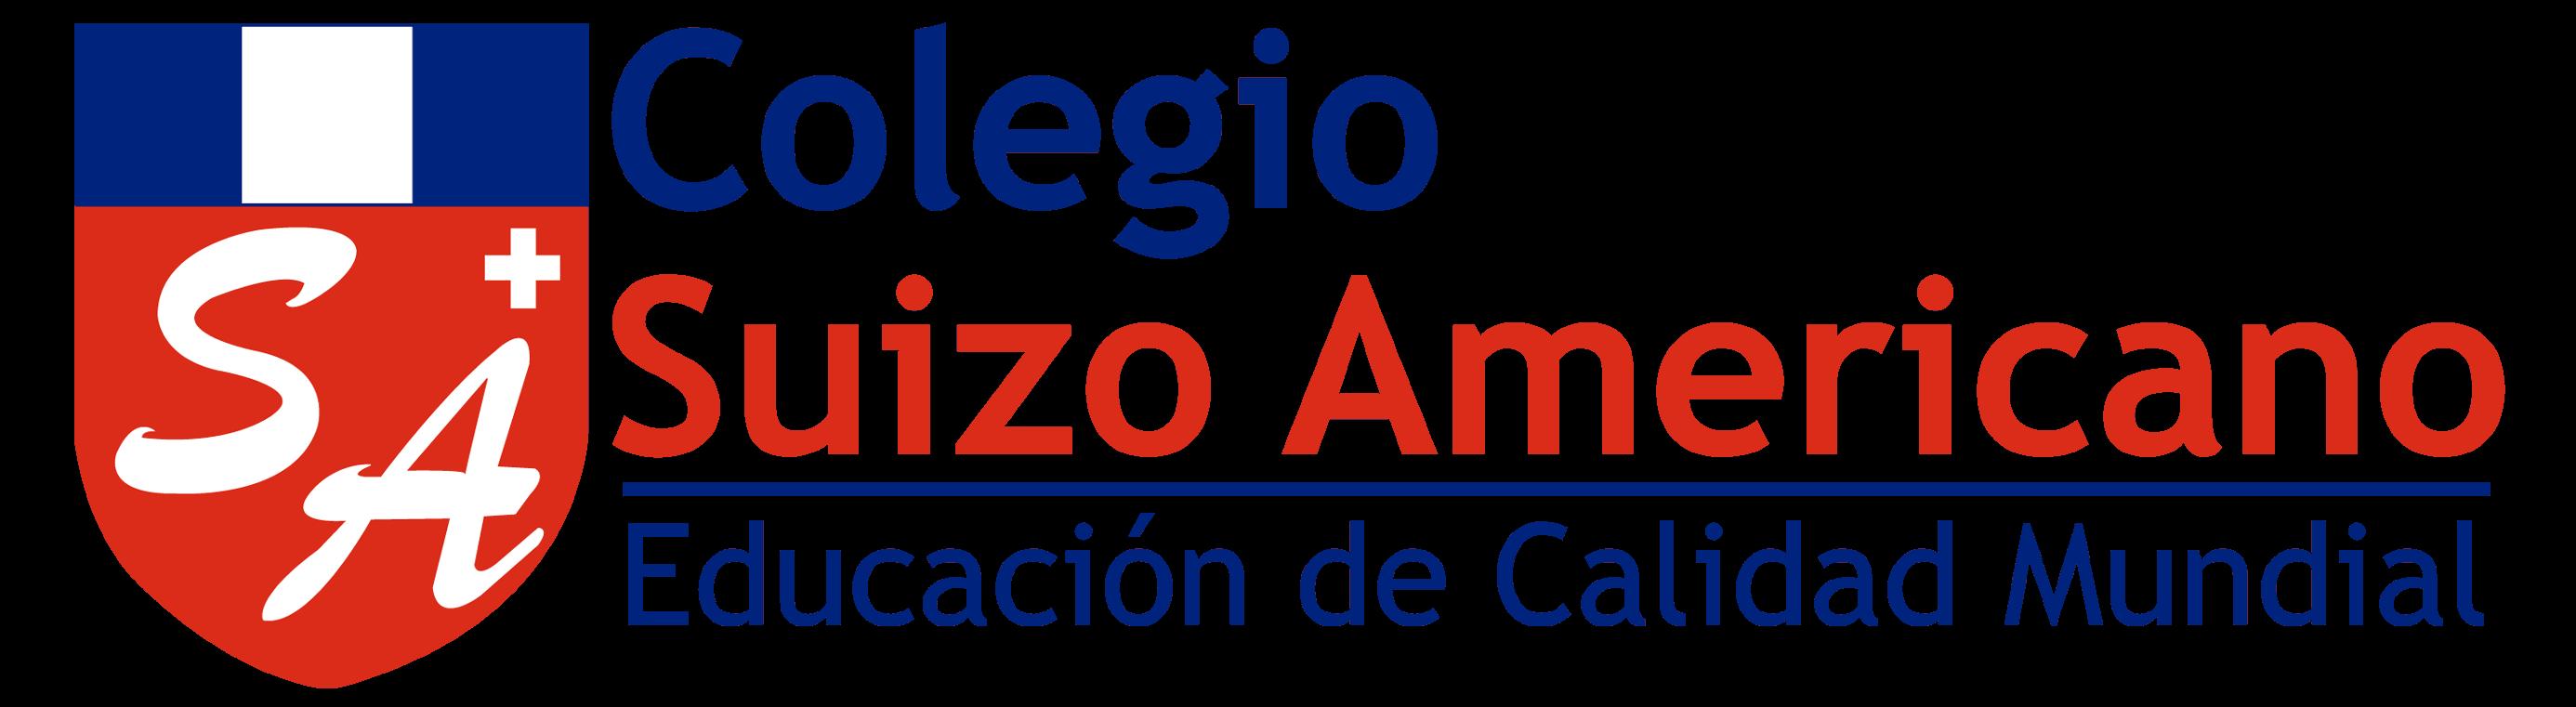 Colegio Suizo Americano, S. A.